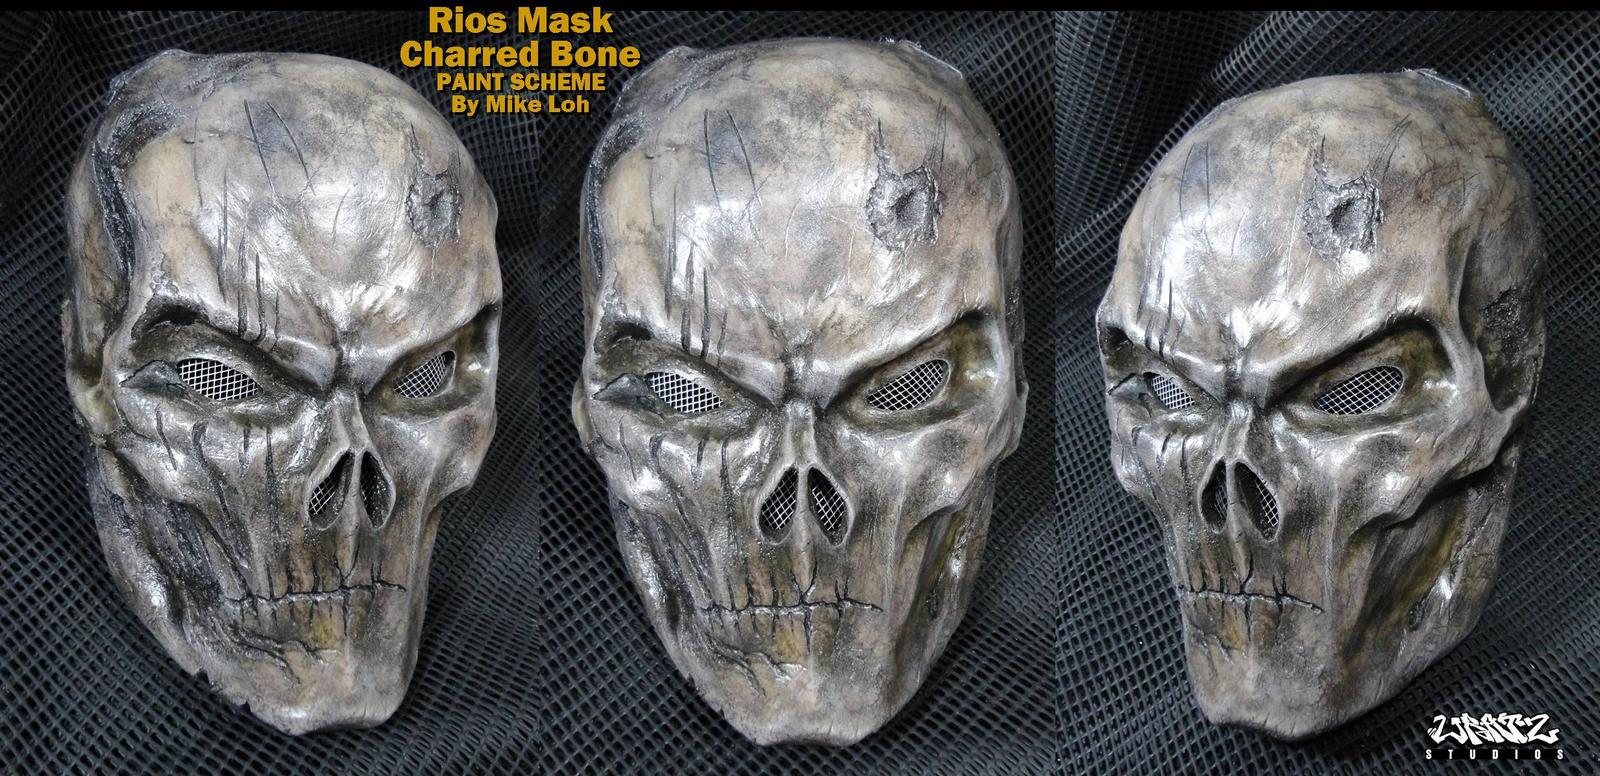 Rios mask in charred bone by uratz studios on deviantart - Uratz studios ...